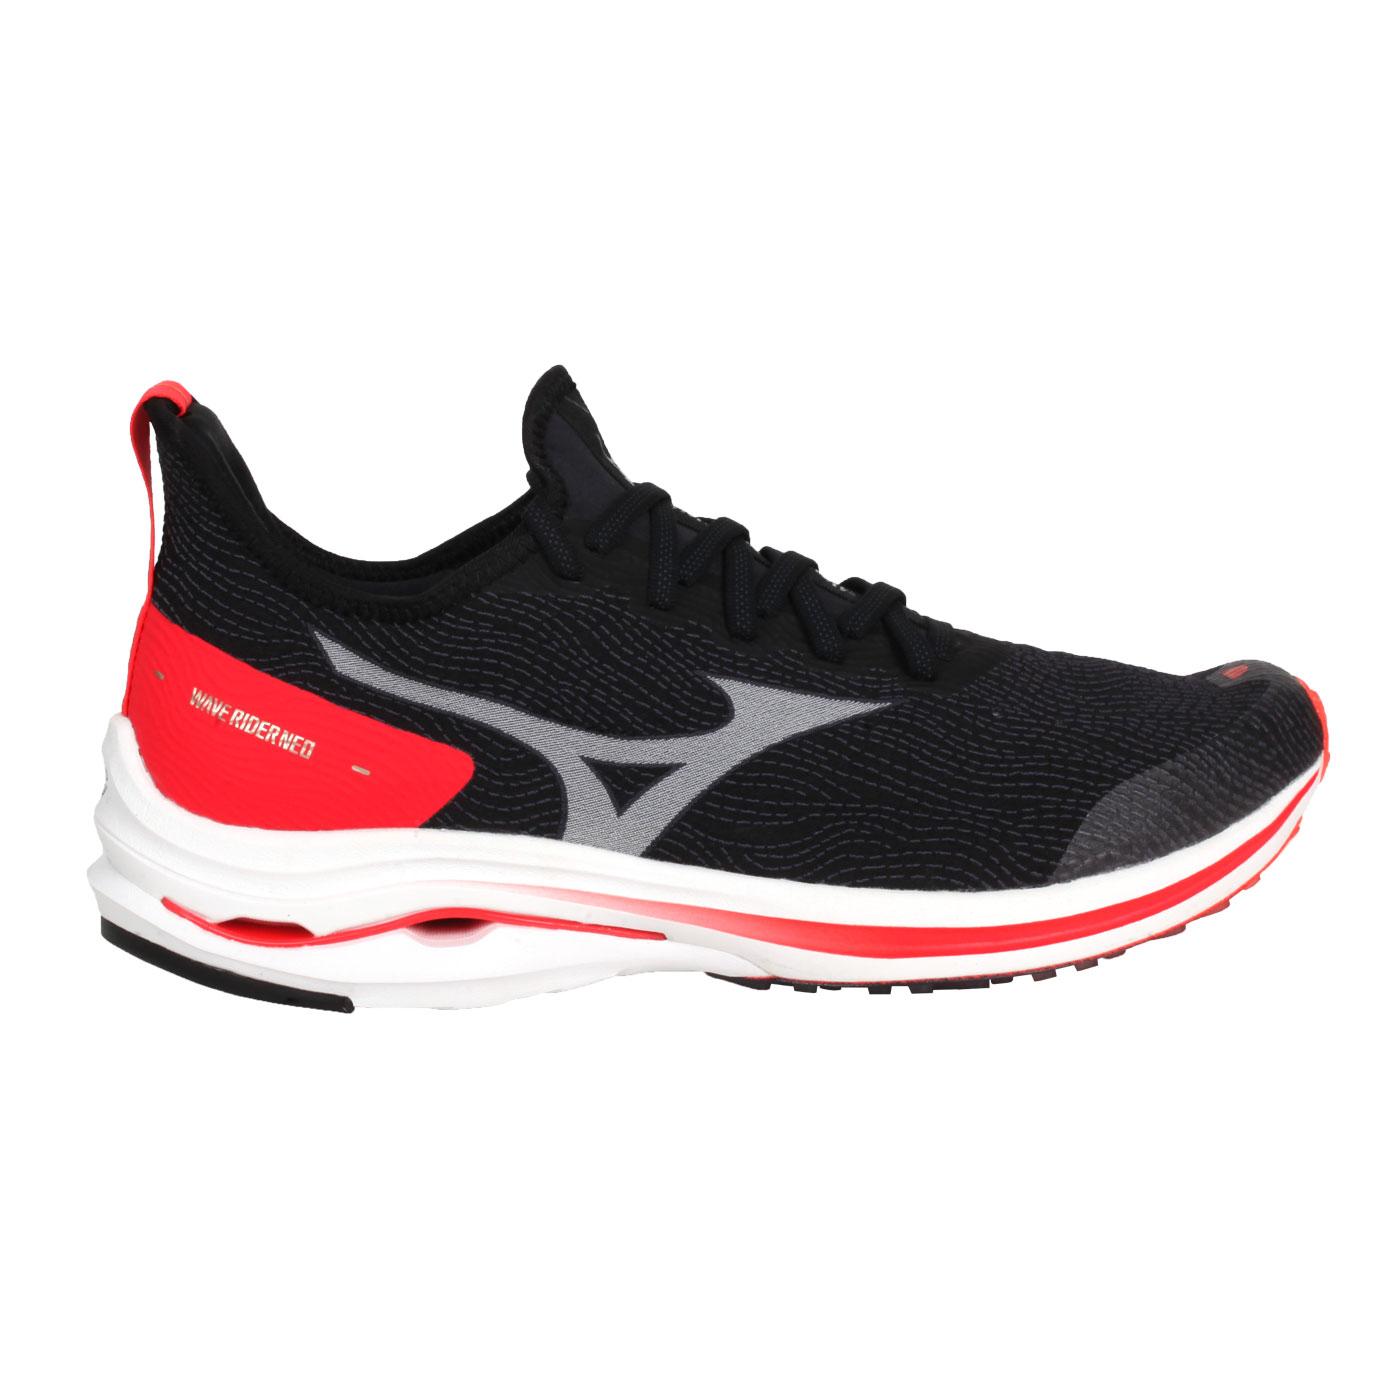 MIZUNO 男款慢跑鞋  @WAVE RIDER NEO@J1GC207802 - 黑白紅金